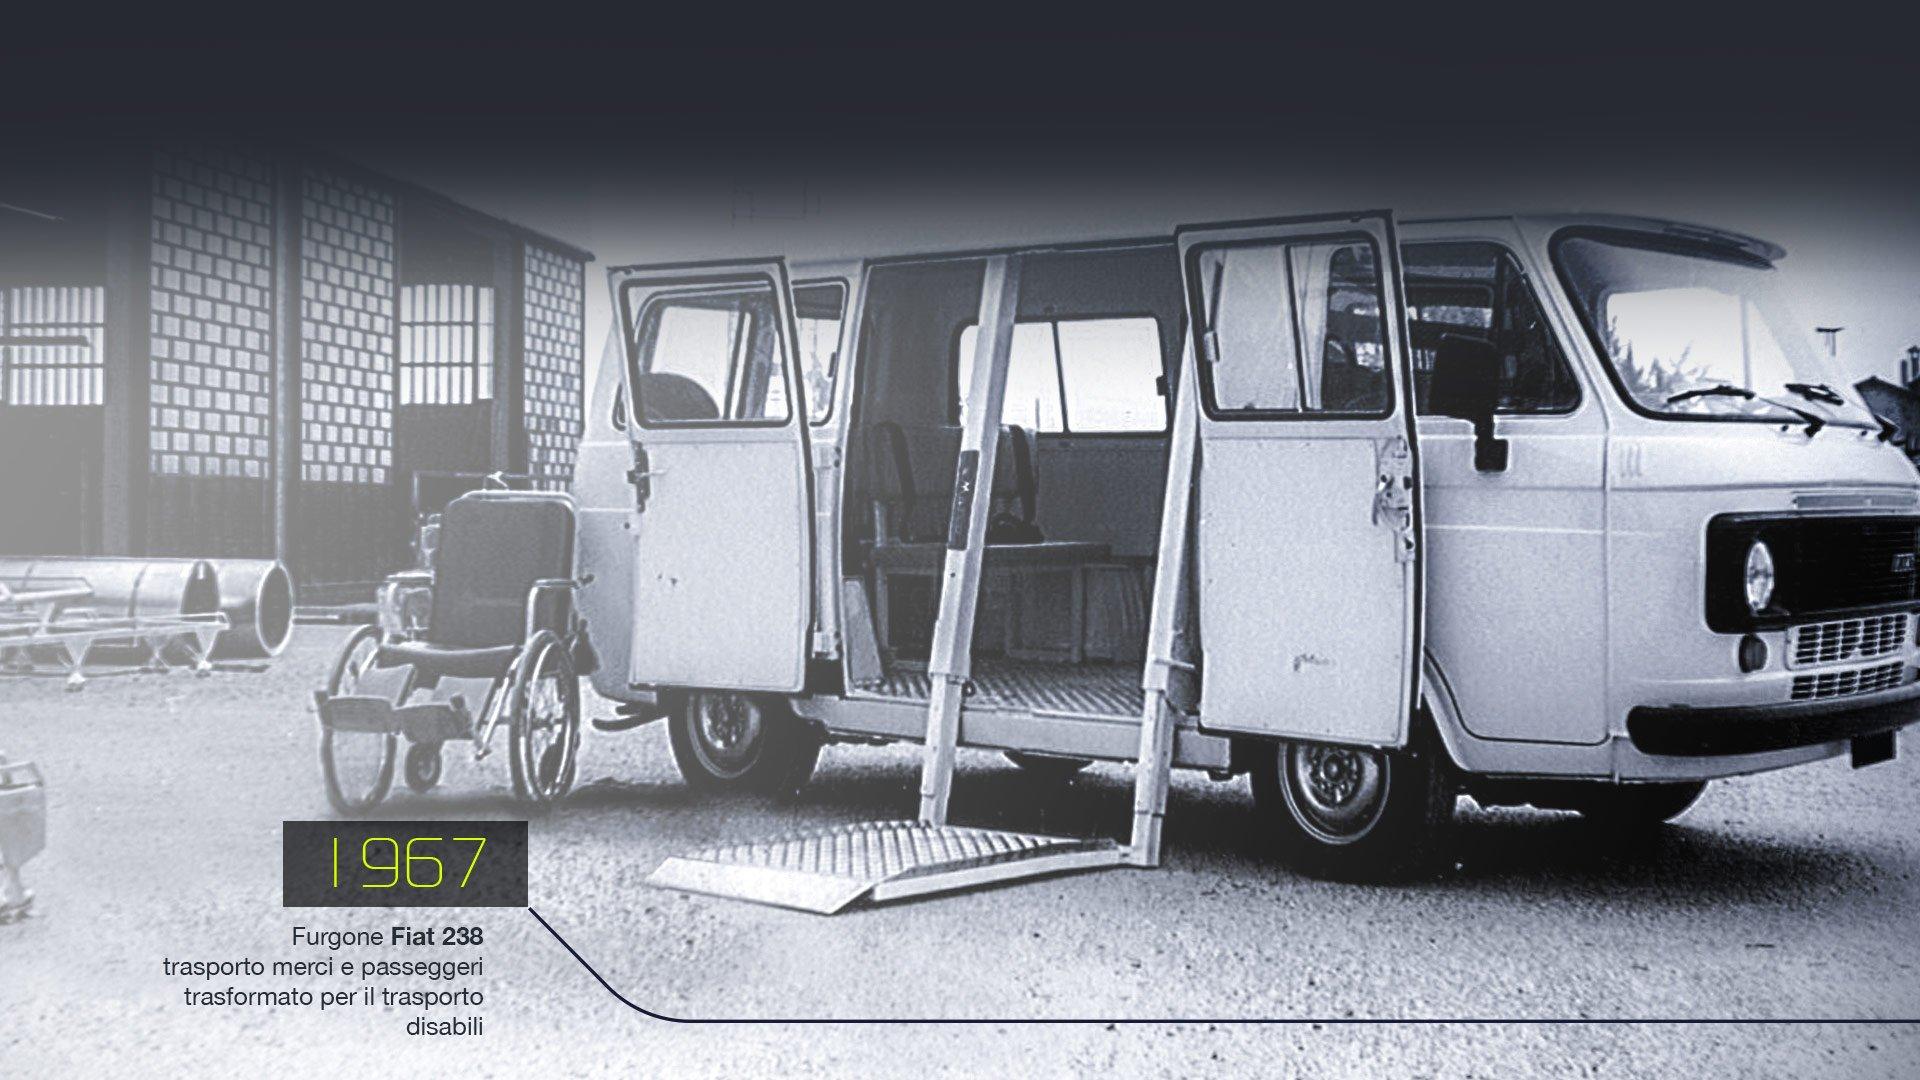 rolfi veicoli, auto e furgoni speciali per disabili